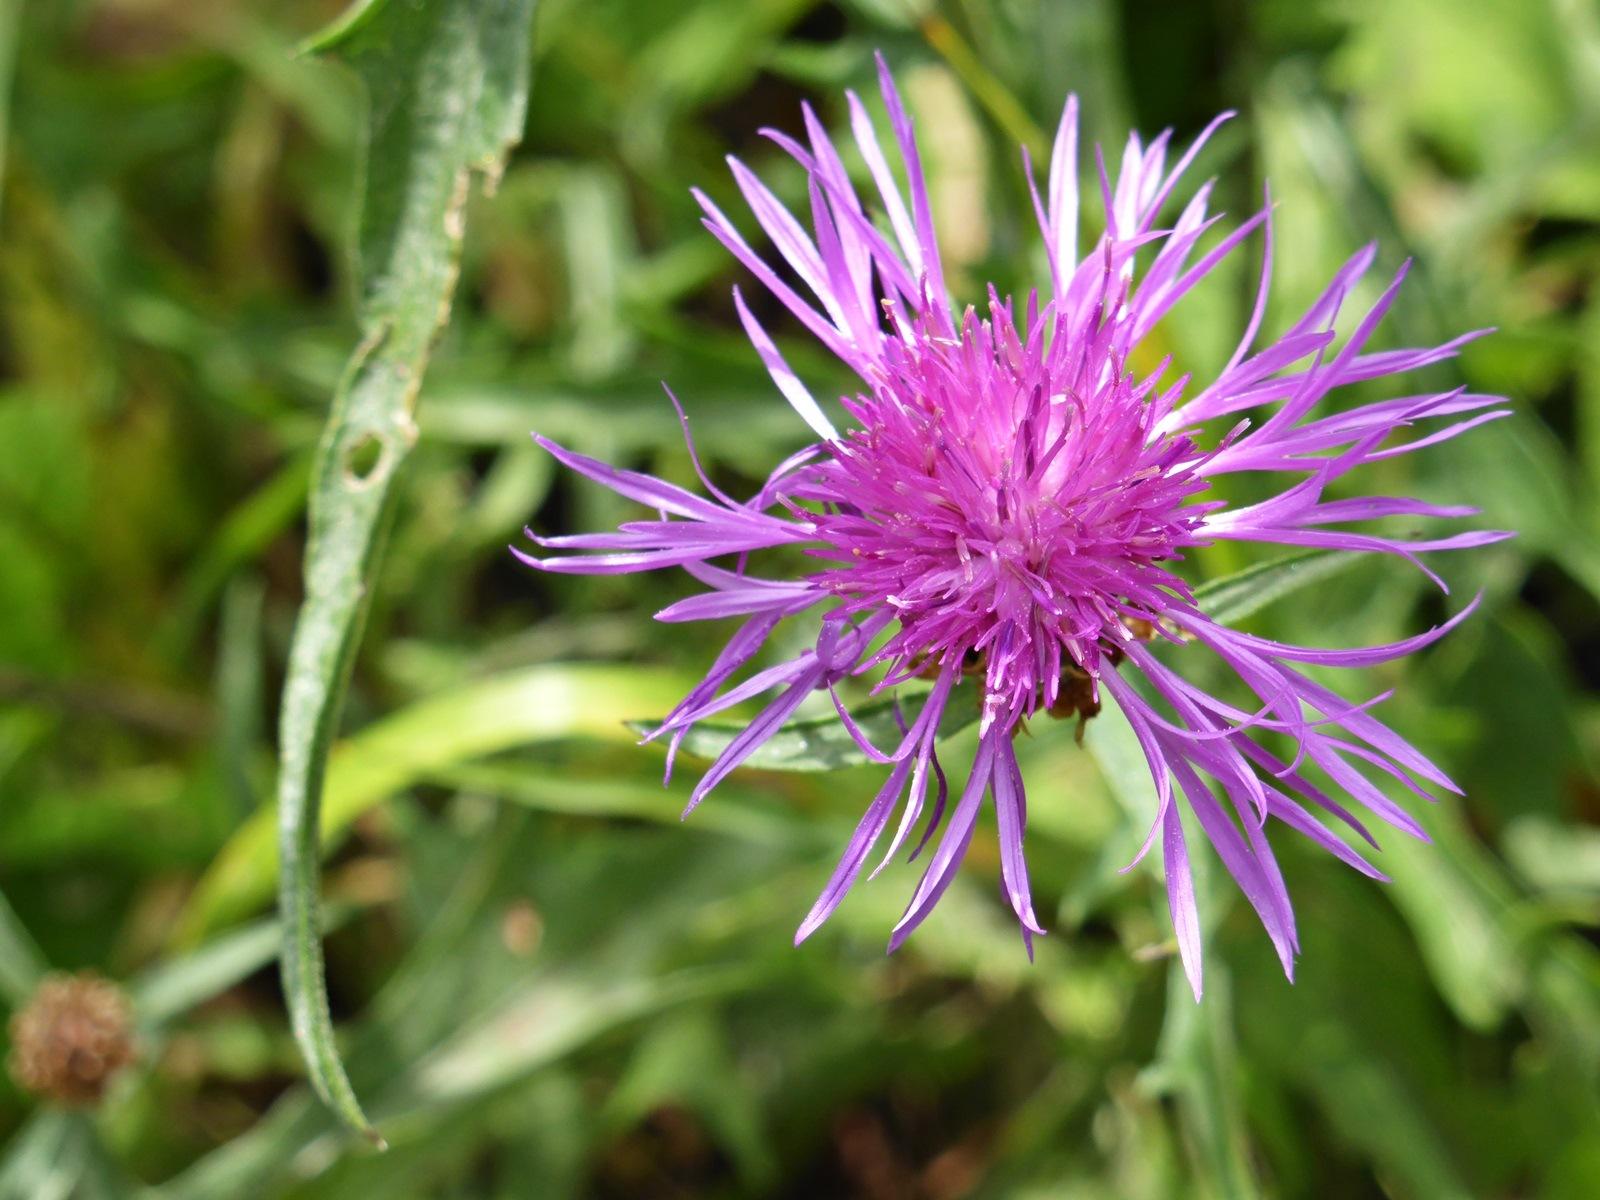 A flower by Luba